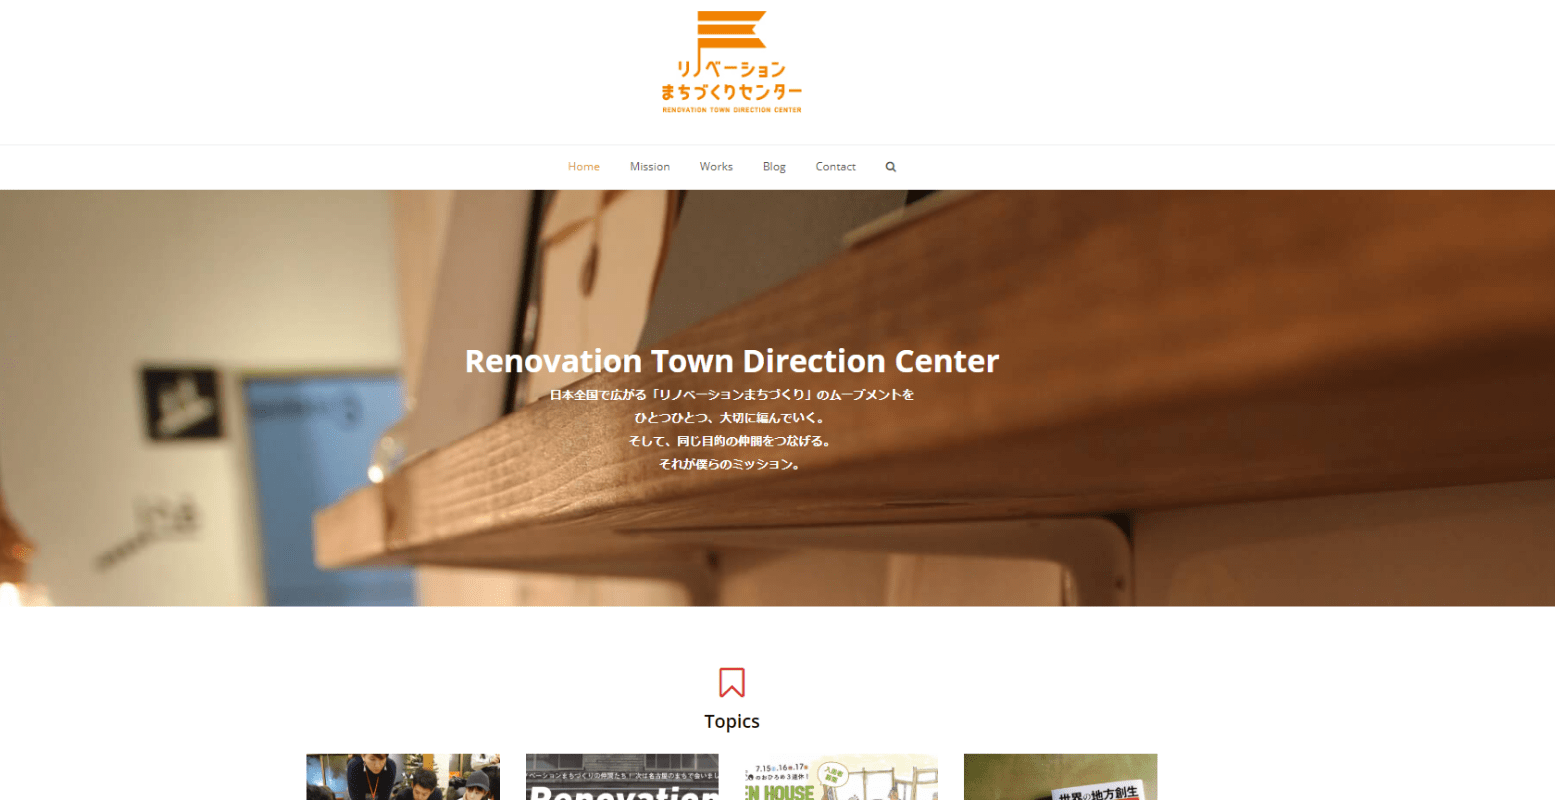 【地域活性】リノベーションまちづくりセンター